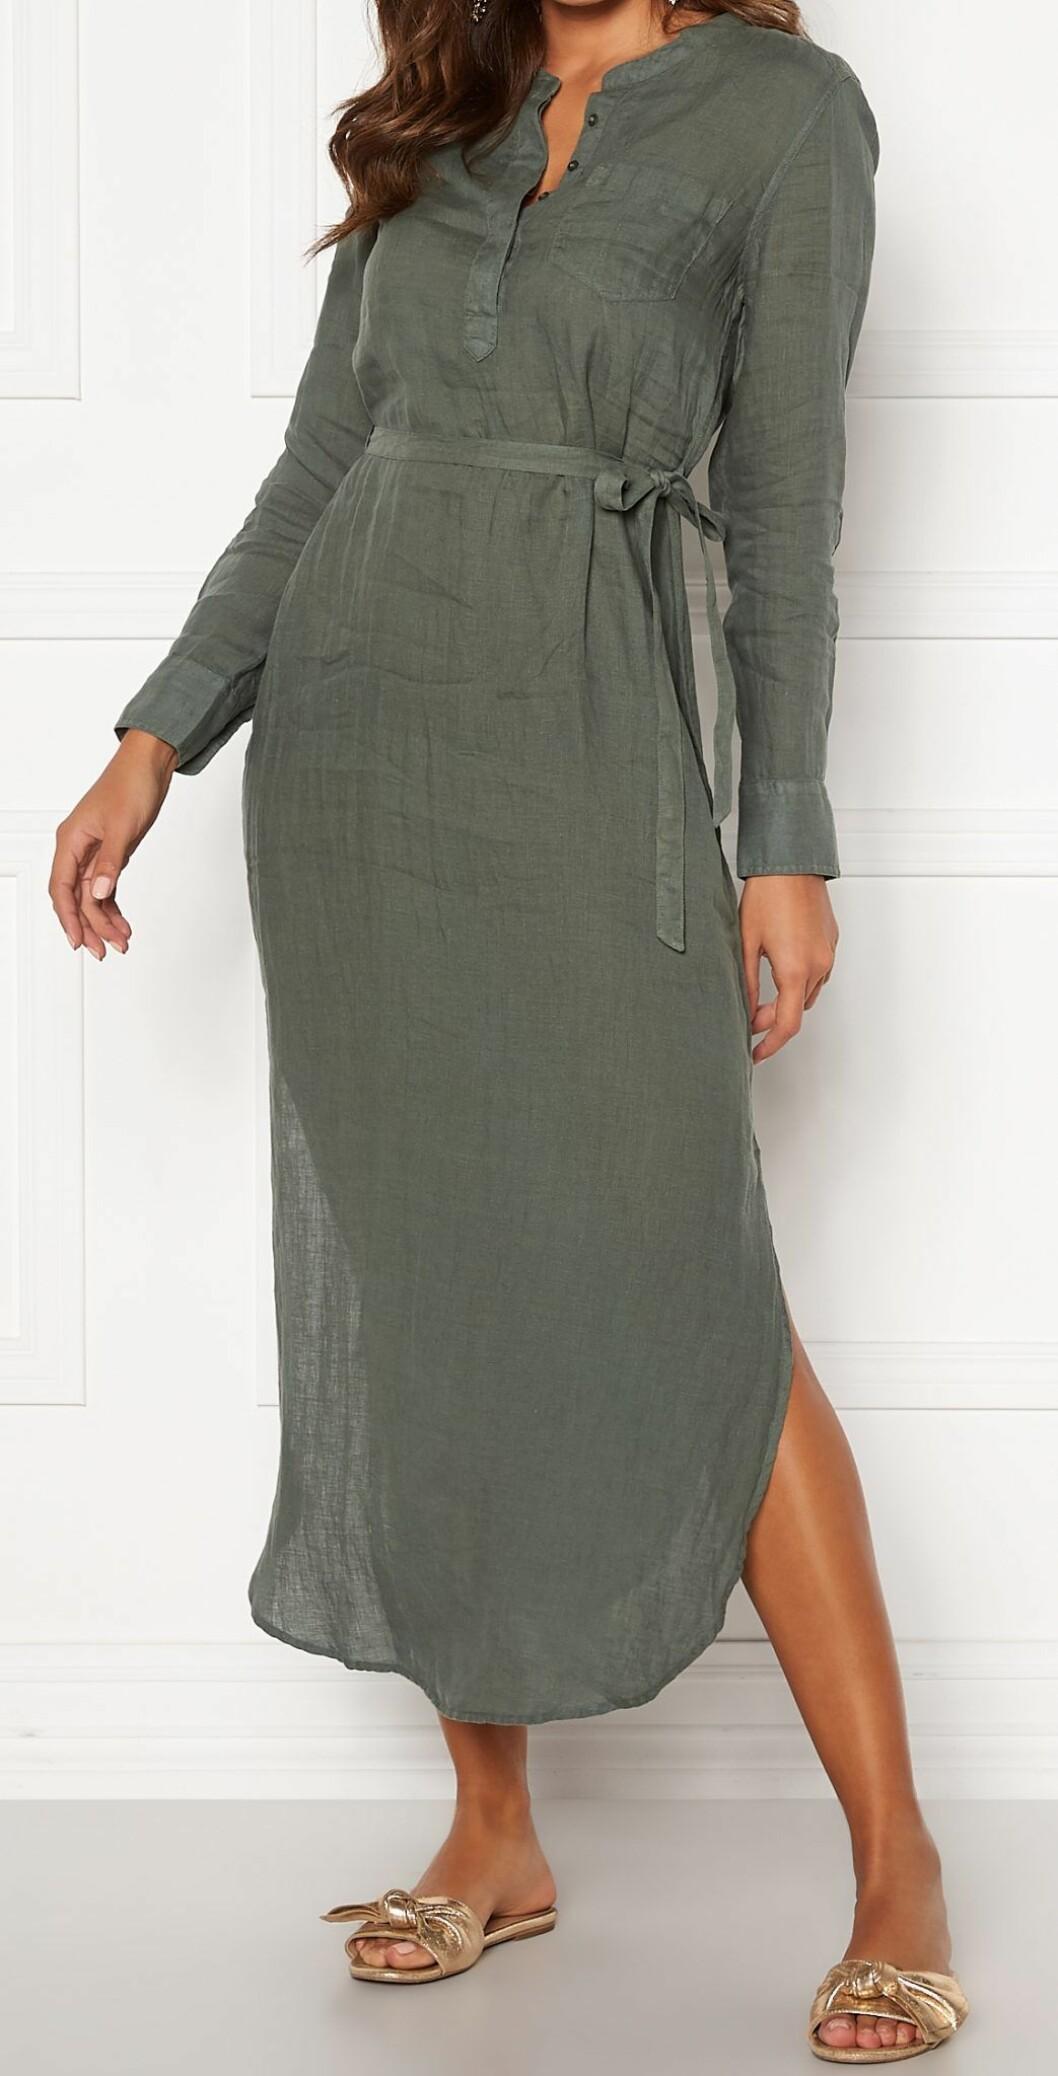 linne klänning från Boomerang.